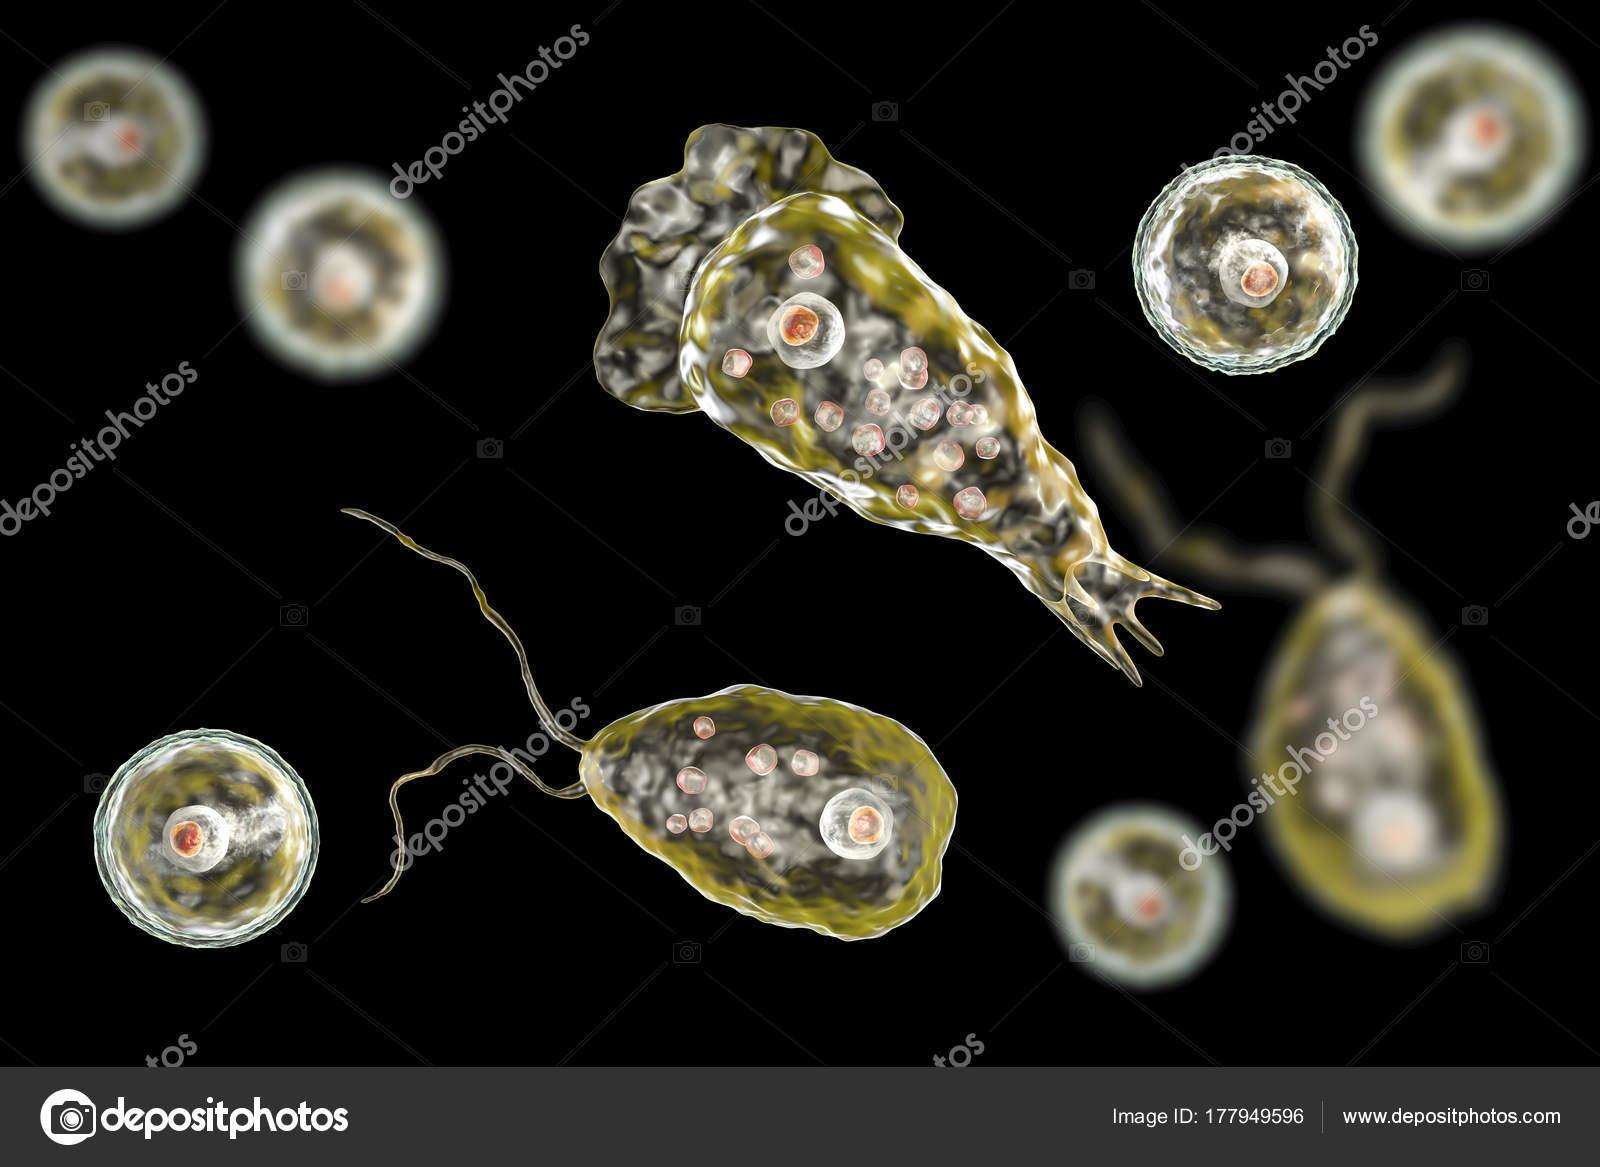 nigleria parazita